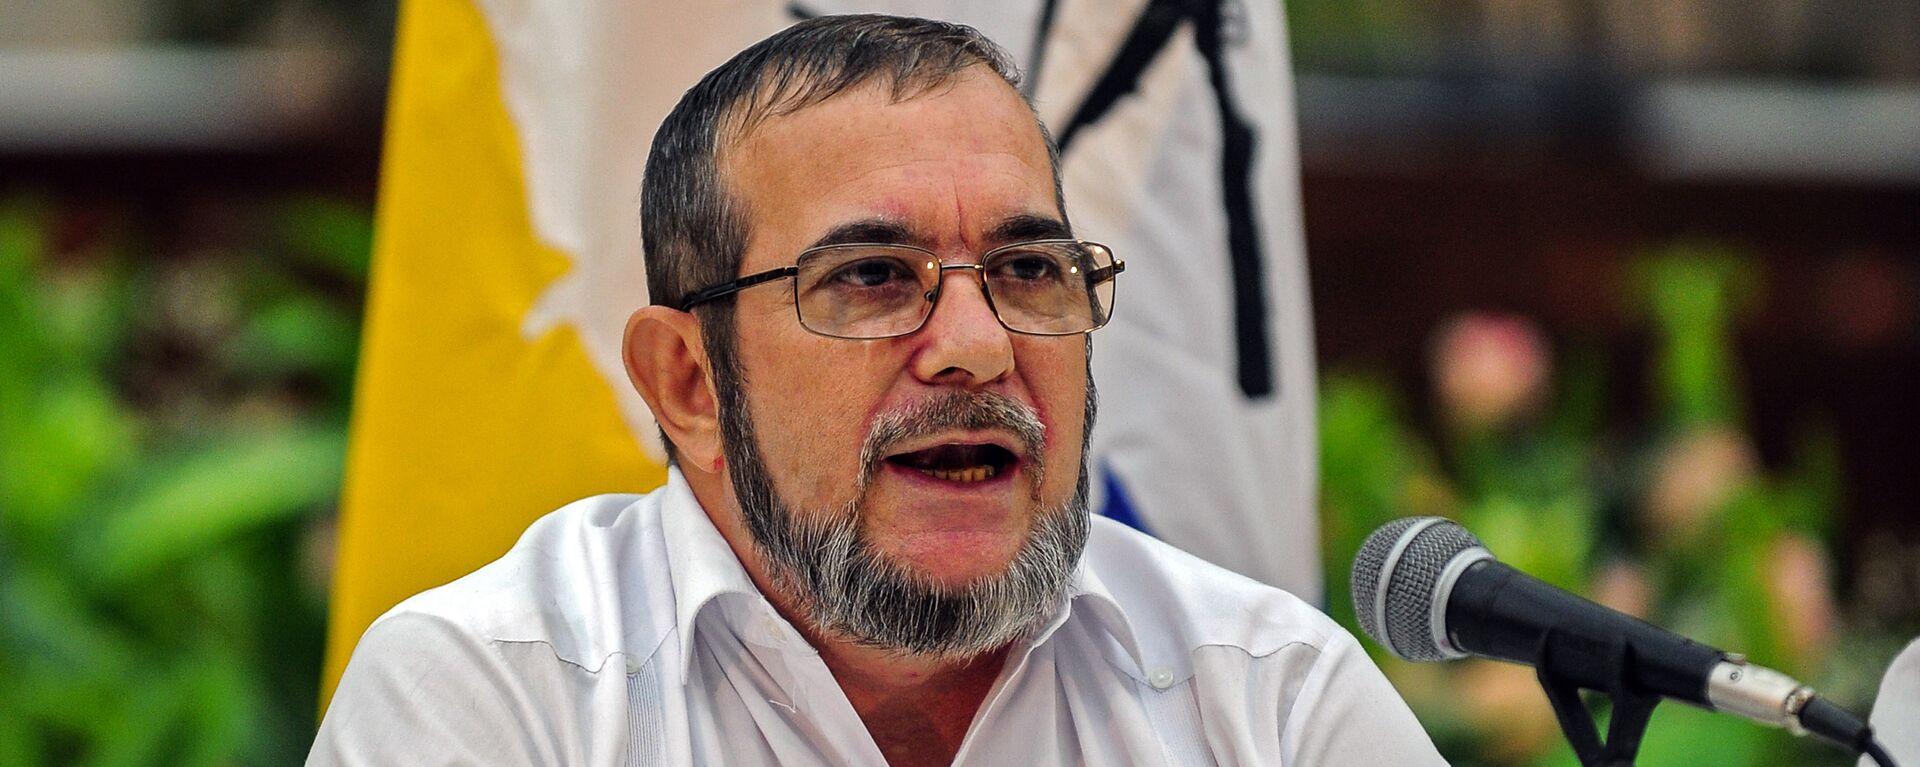 Rodrigo Londoño Echeverri, alias 'Timochenko', máximo líder de las FARC - Sputnik Mundo, 1920, 17.06.2021